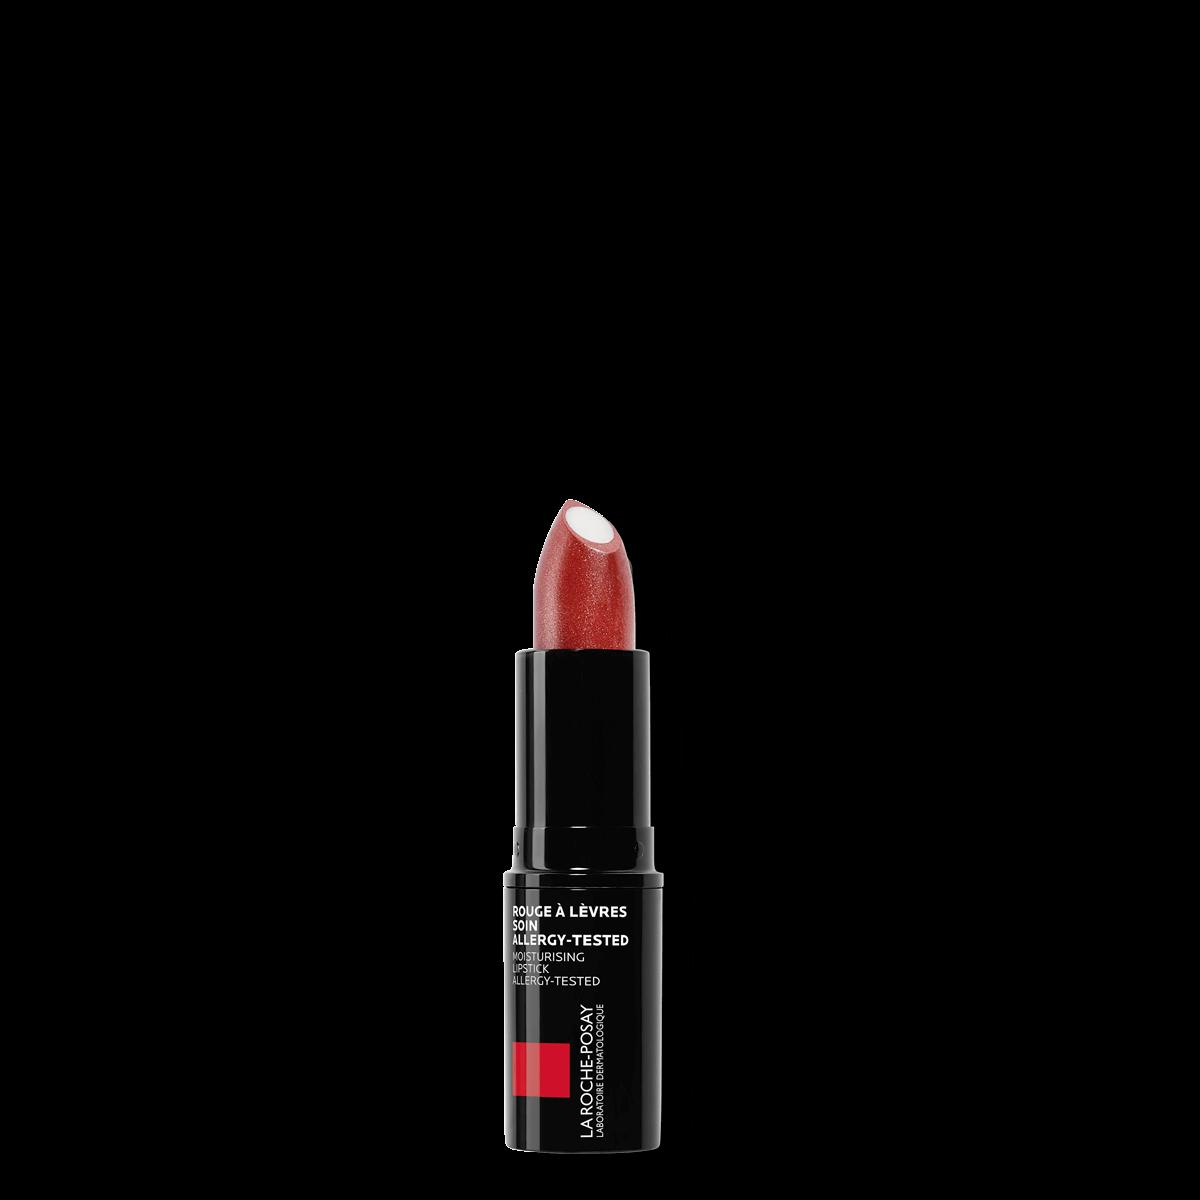 La Roche Posay Herkkä Toleriane Make up NOVALIP 22Cassisfestif 3009